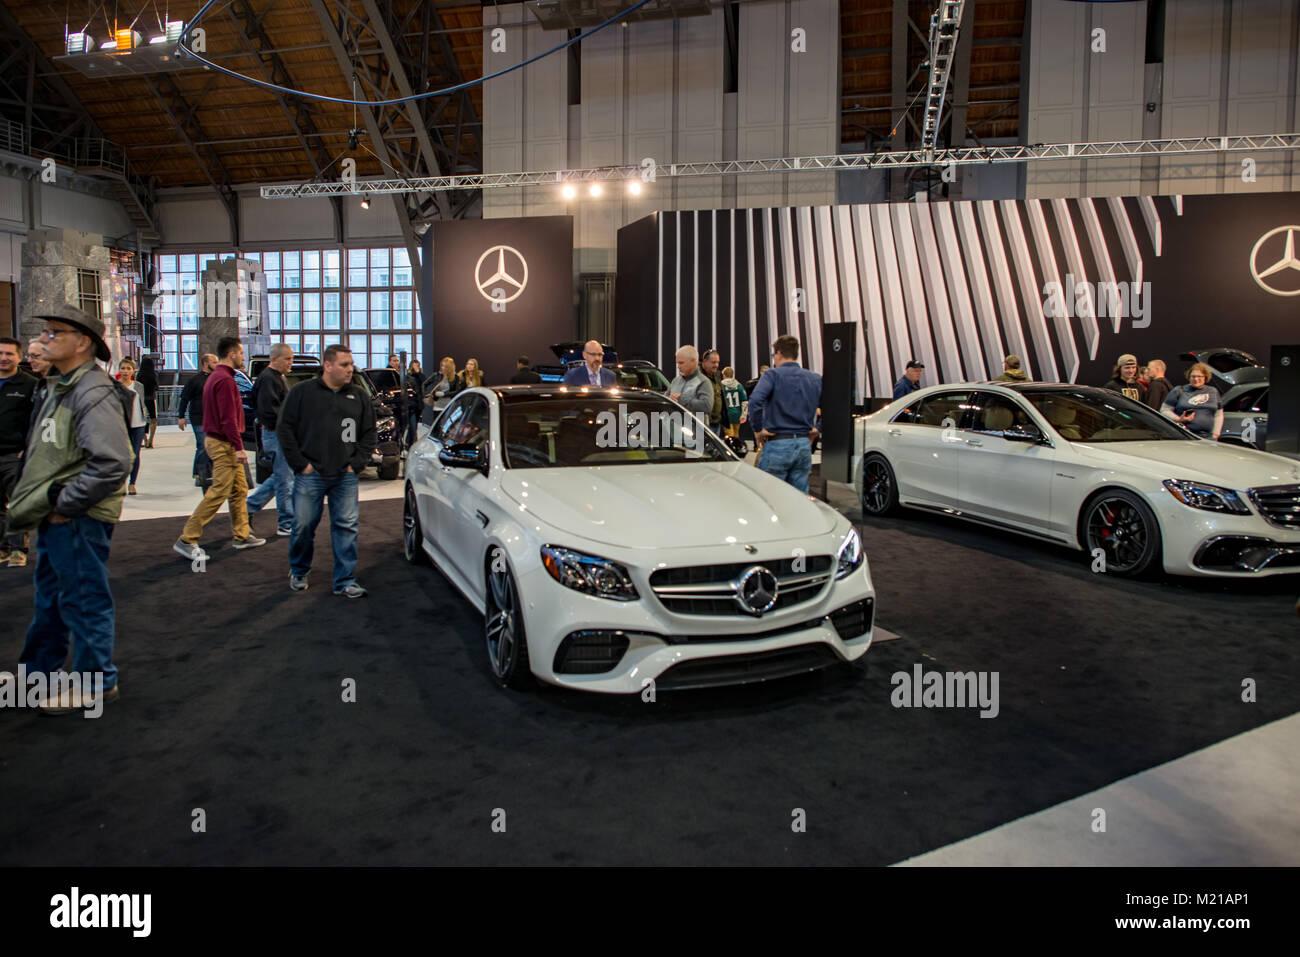 Philadelphia Auto Show Stock Photos Philadelphia Auto Show Stock - Phila car show 2018